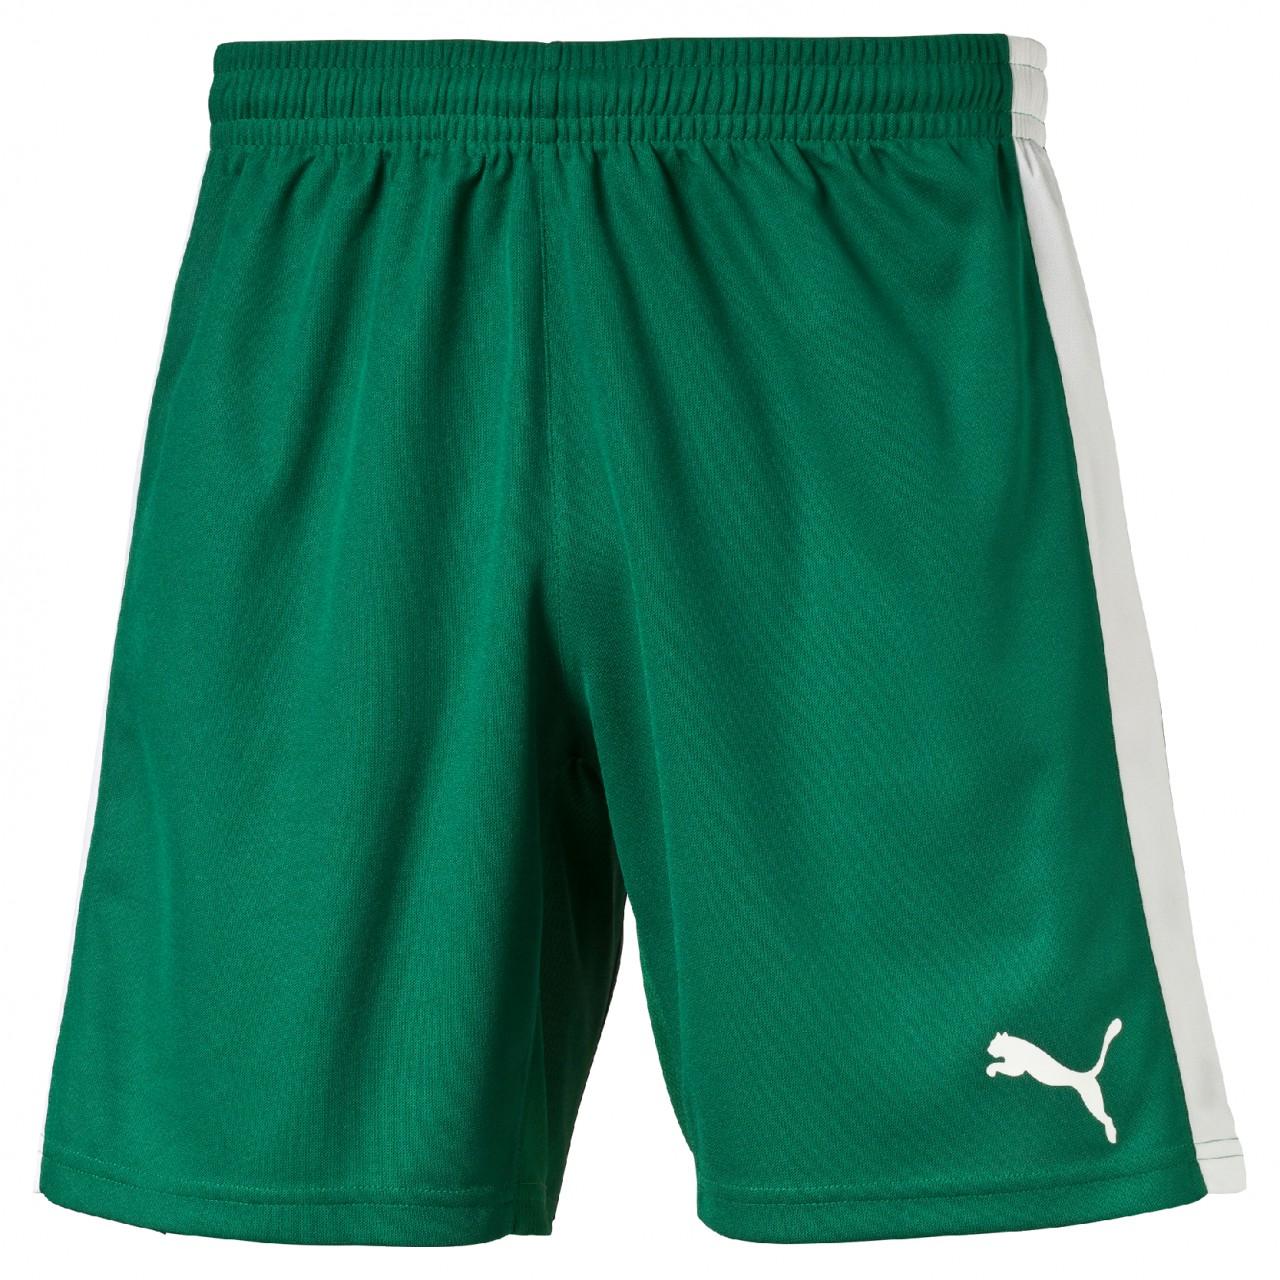 PUMA Indoor Court Shorts